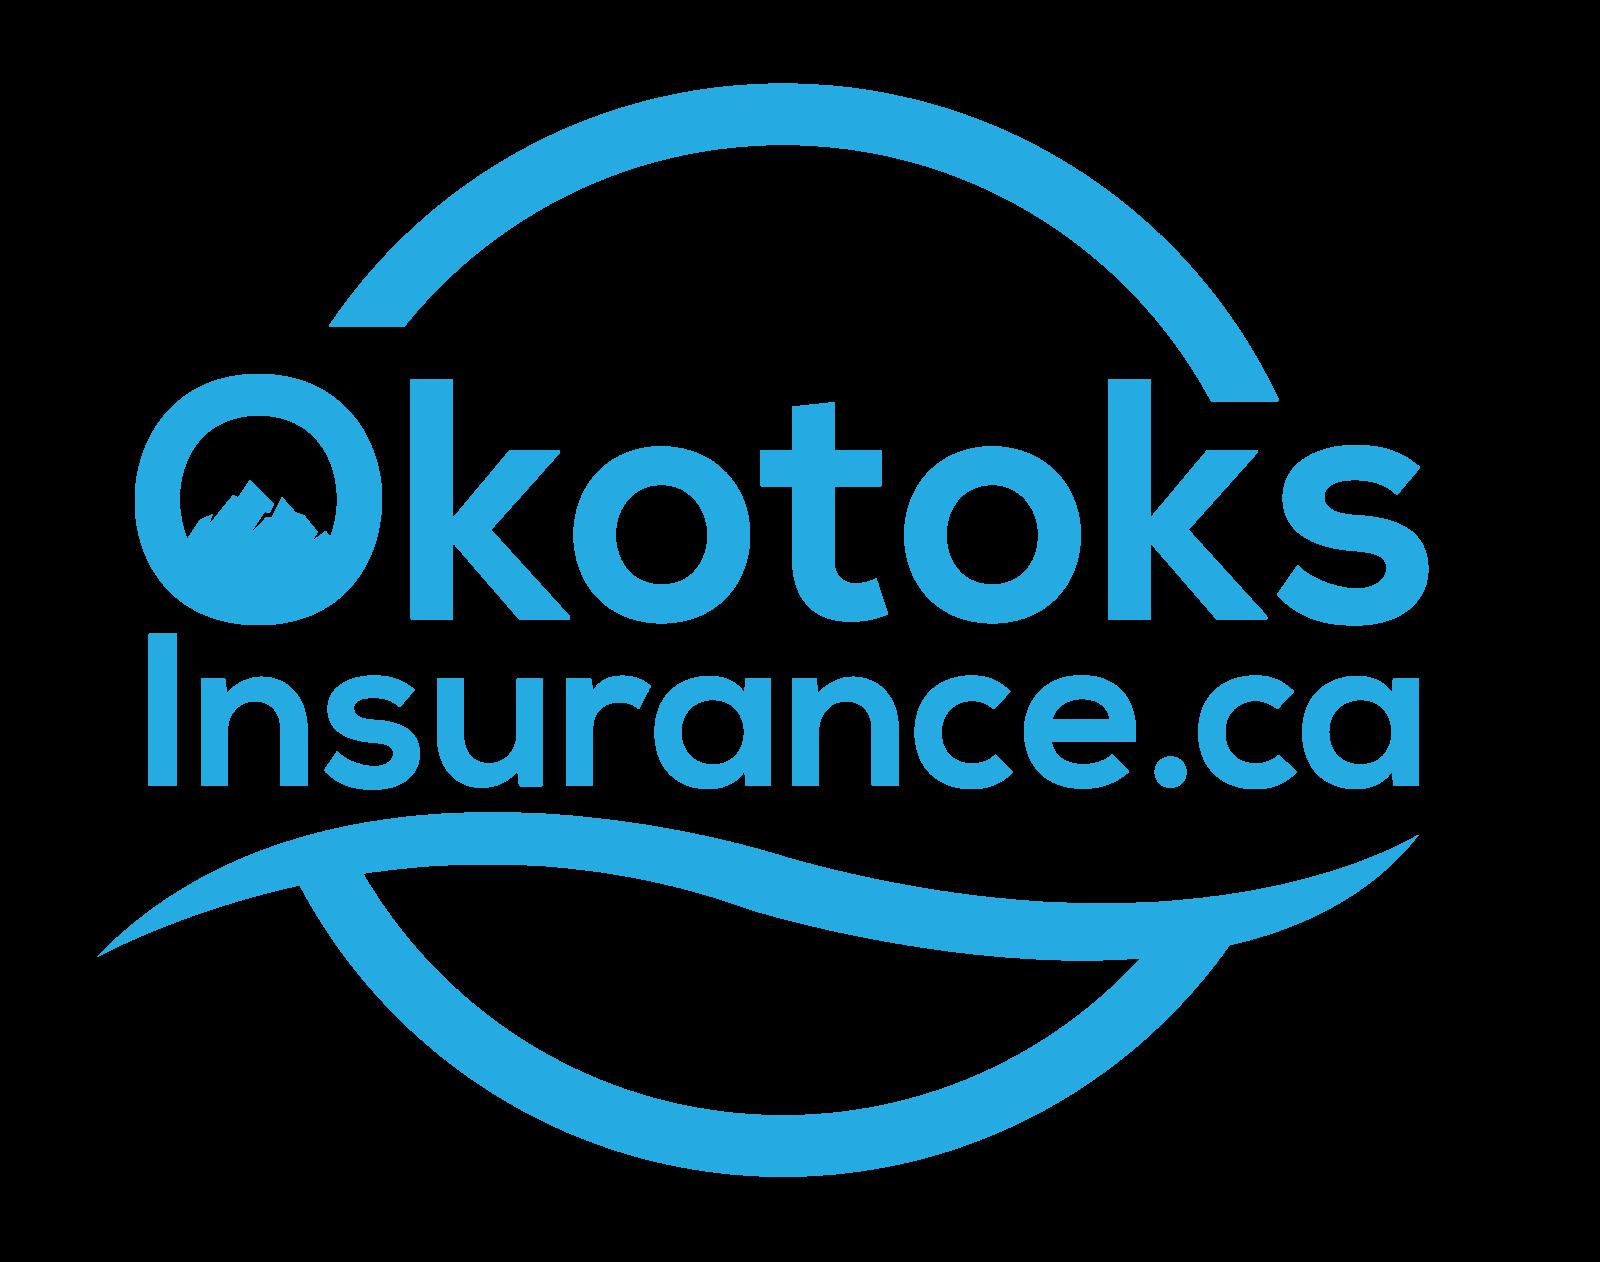 Okotoks insurance